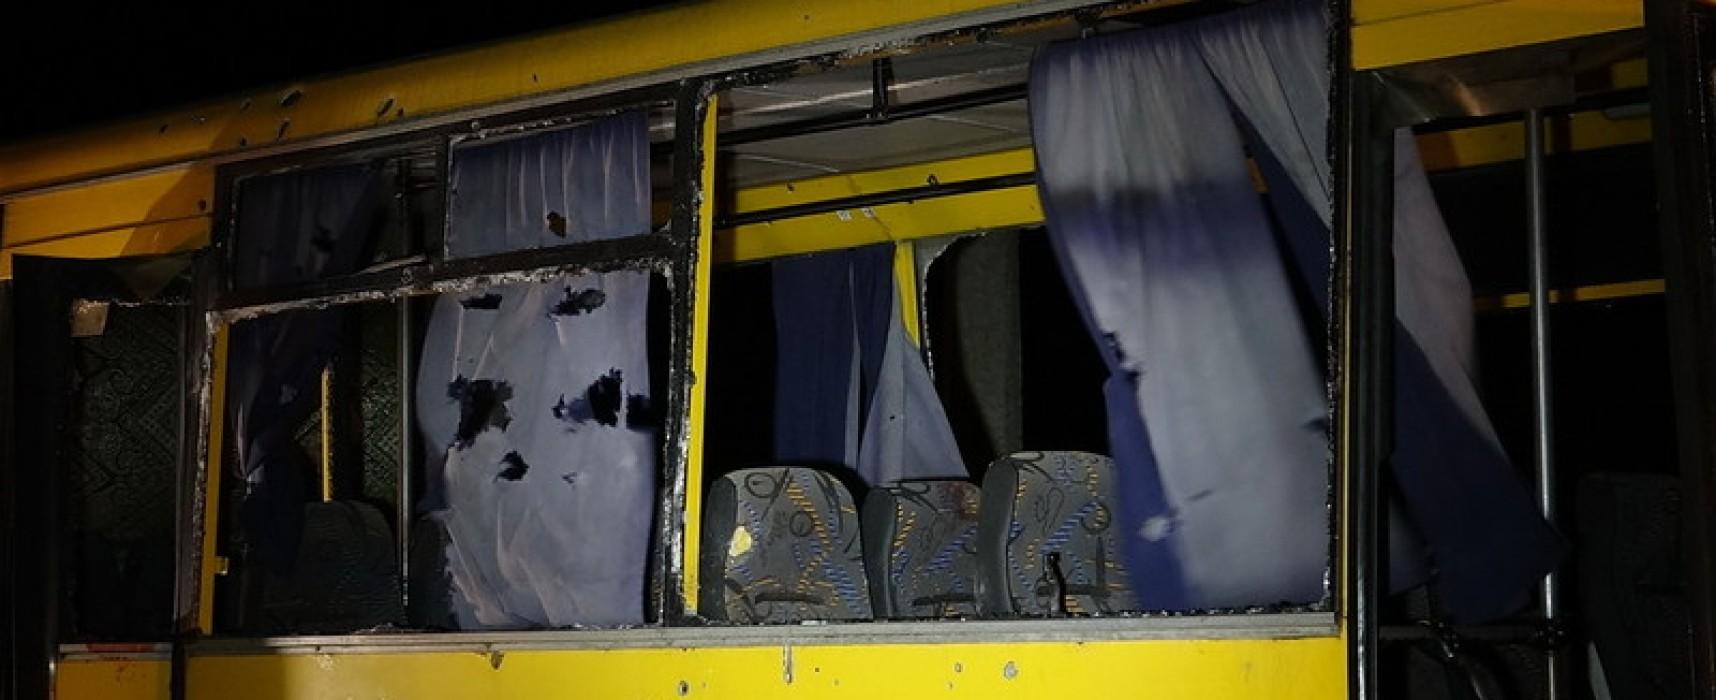 Фейк: пострадавший под Волновахой автобус был изрешечен пулями (фото, 18+)